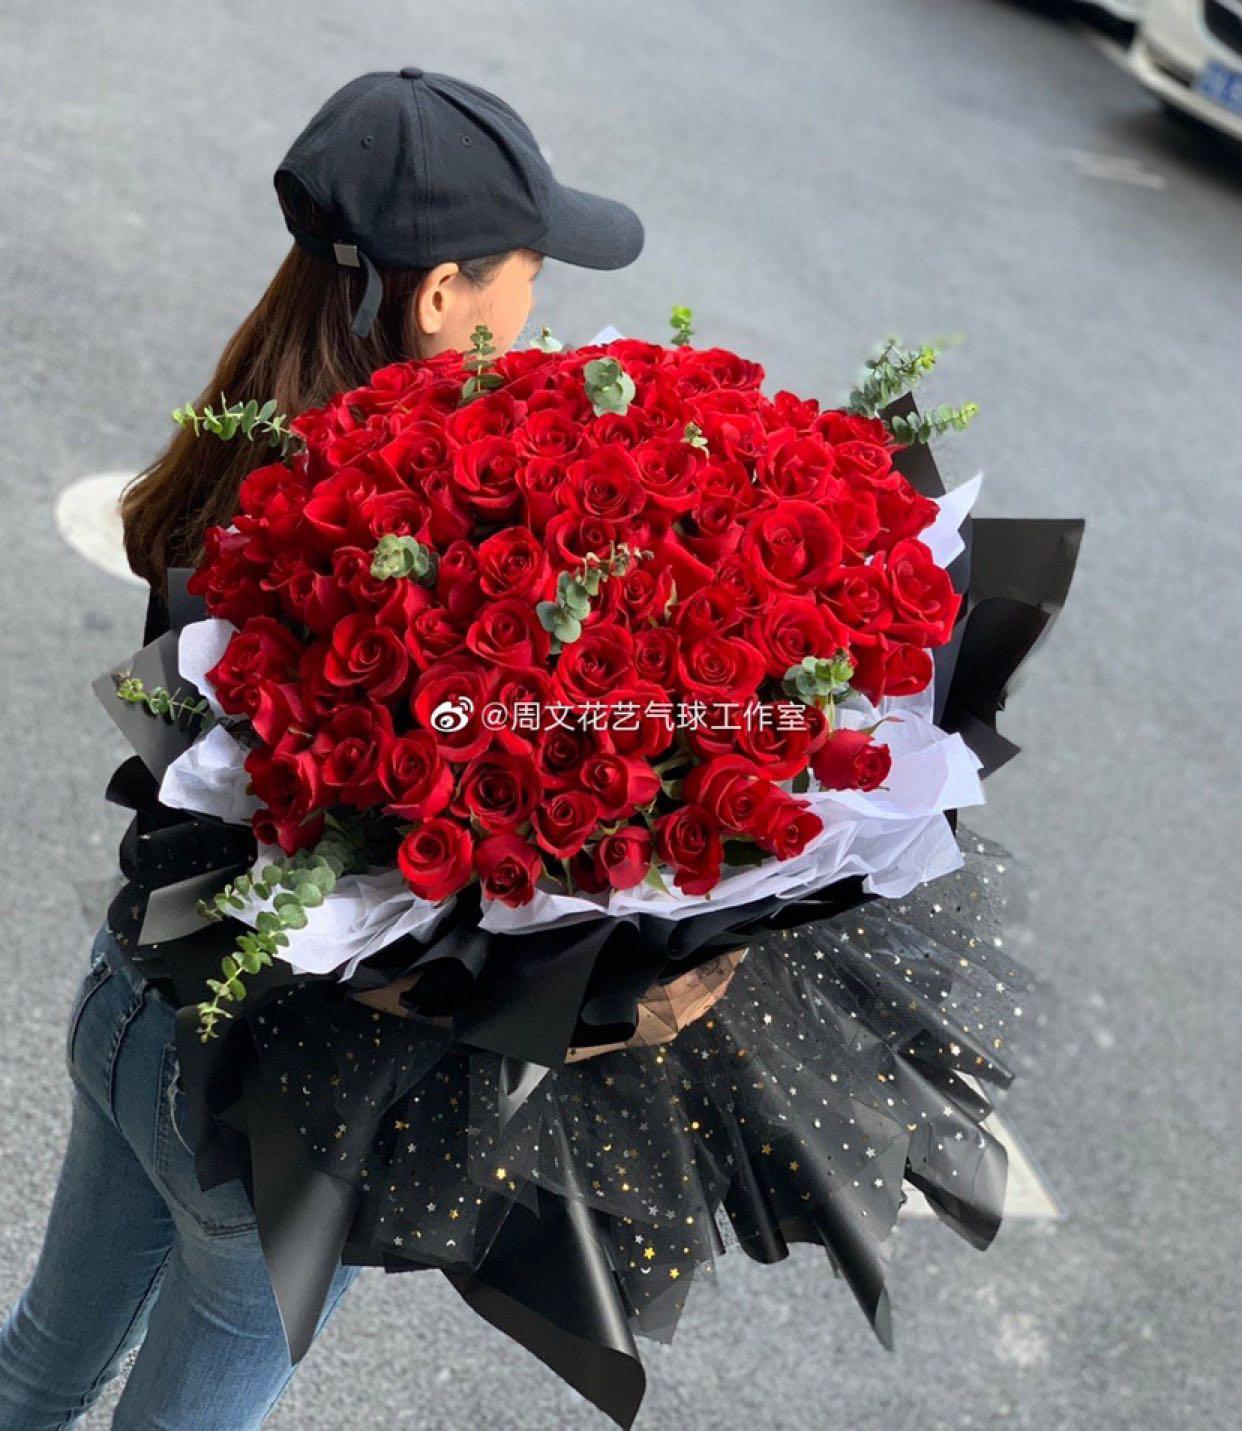 上海周小姐的一间花铺